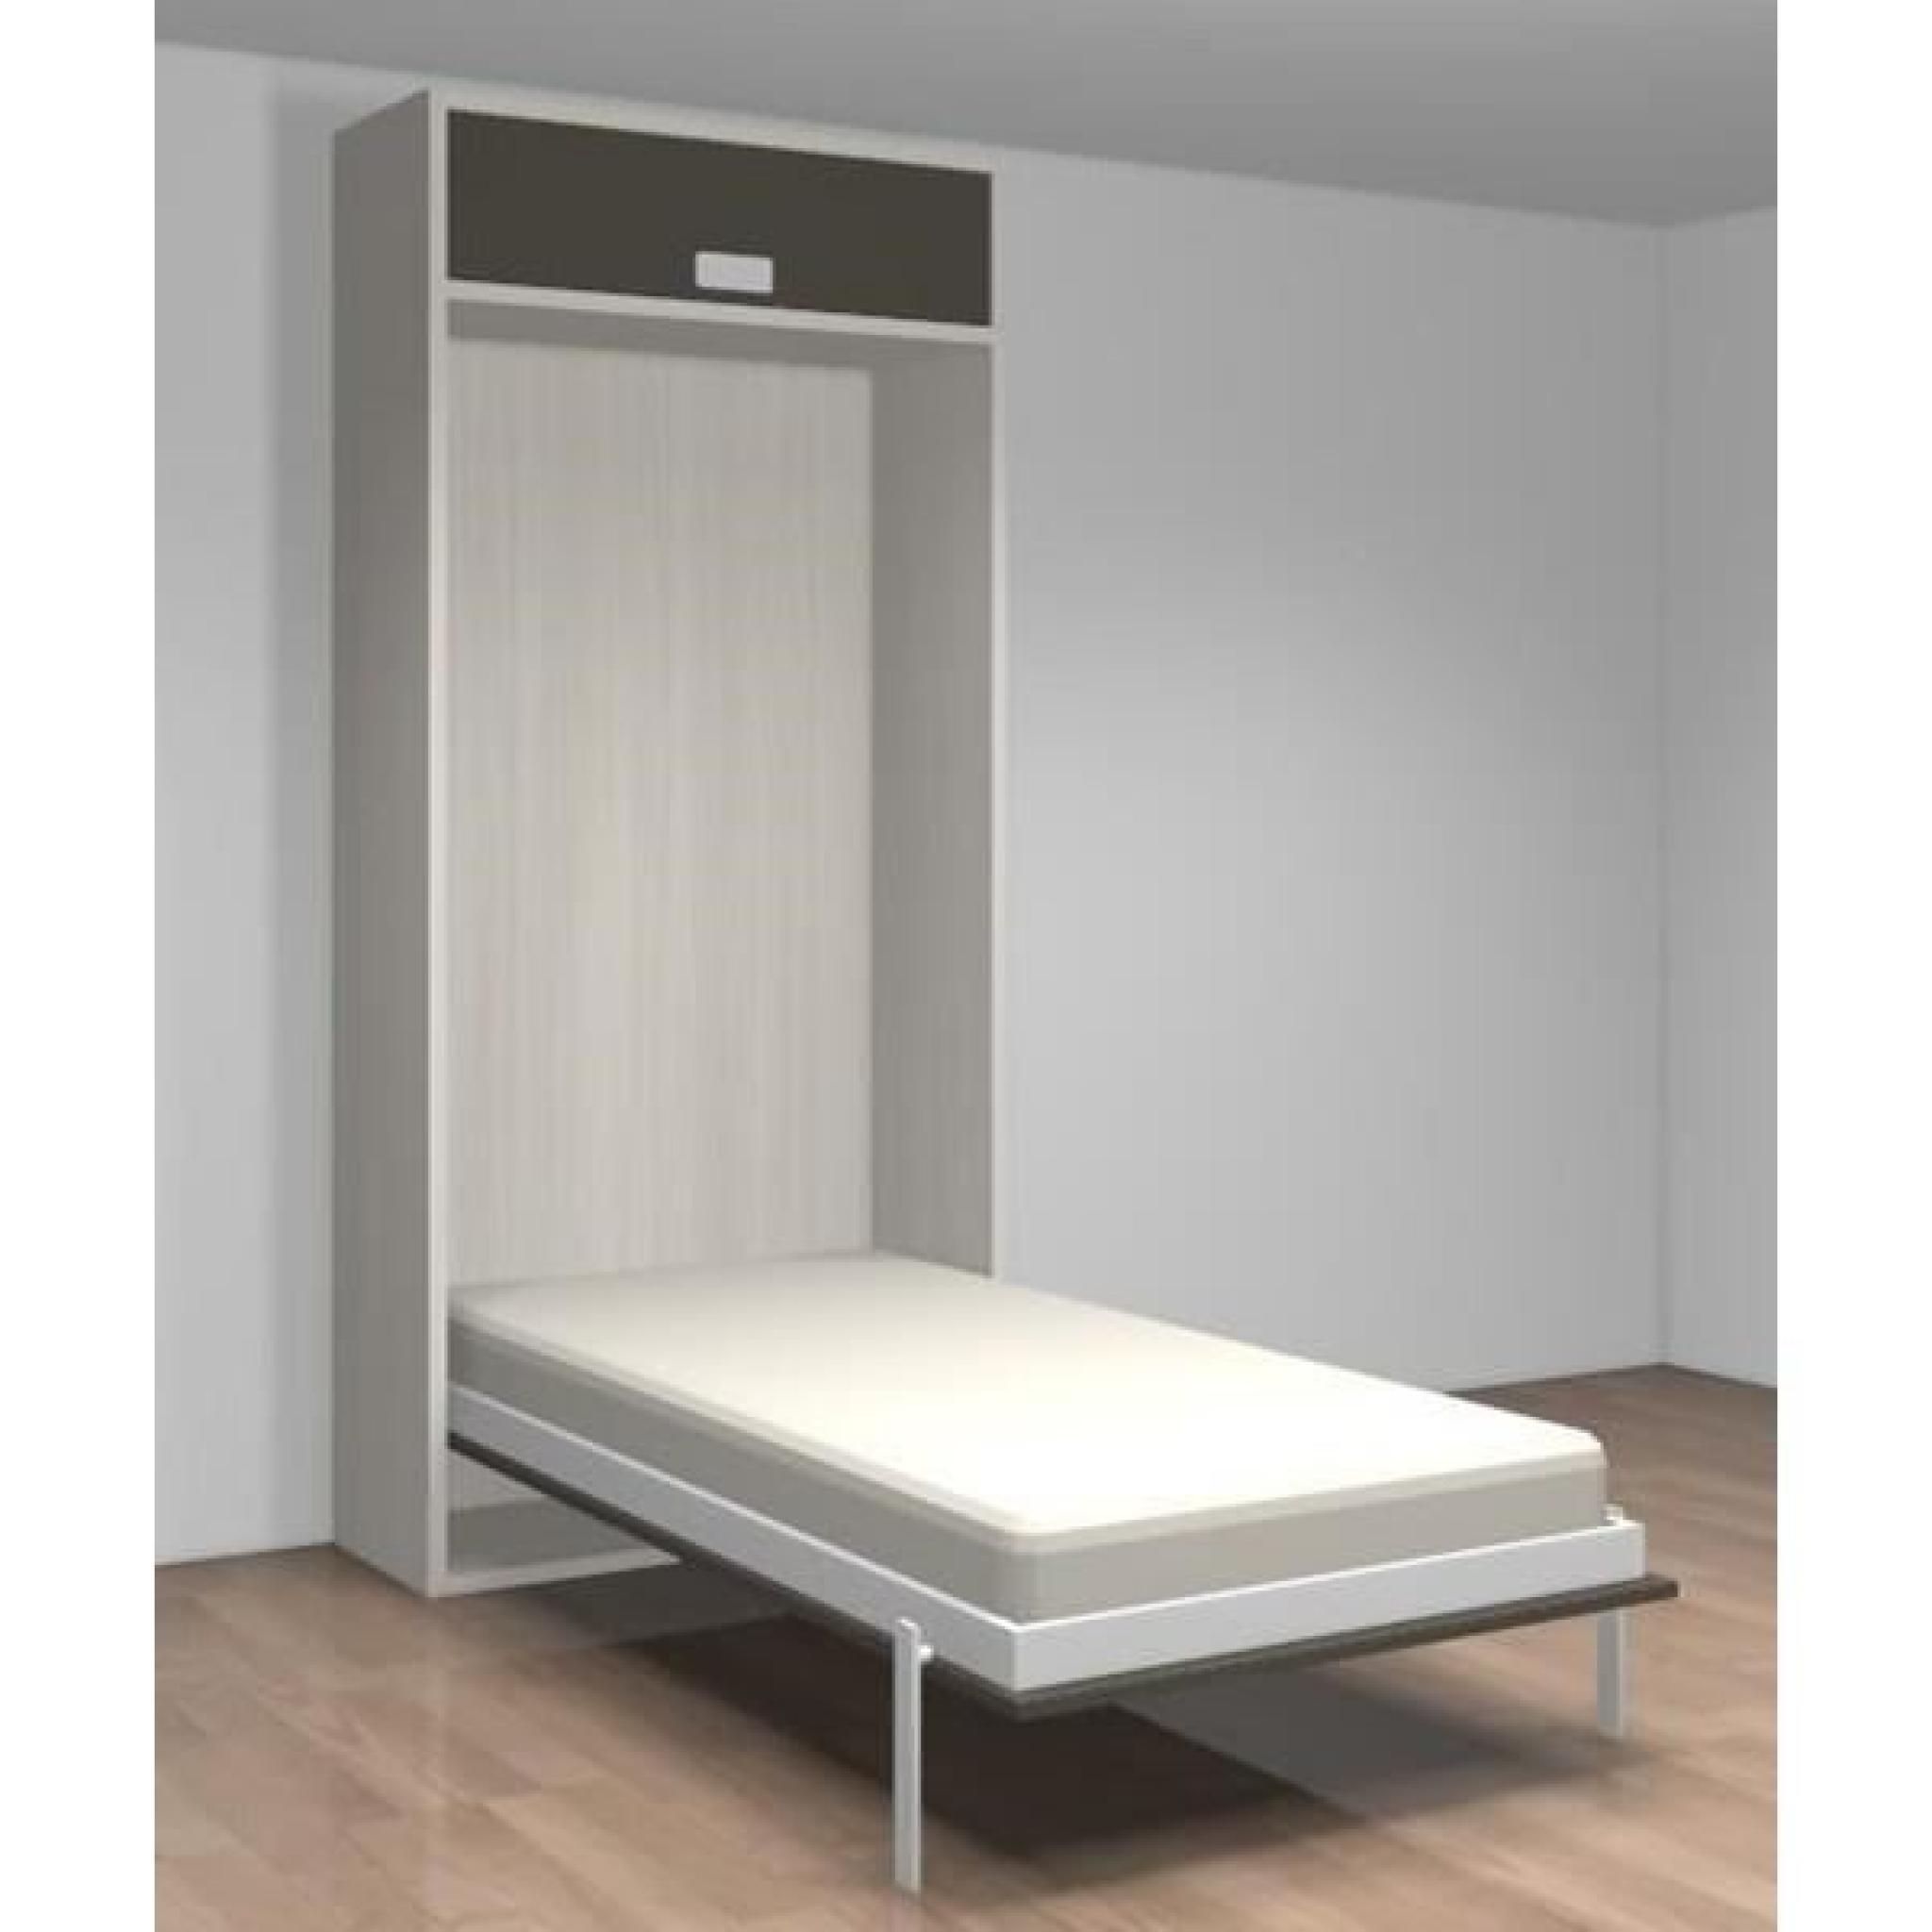 lit relevable avec tablette teo 90x190 blanc noir achat vente lit escamotable pas cher couleur et design fr